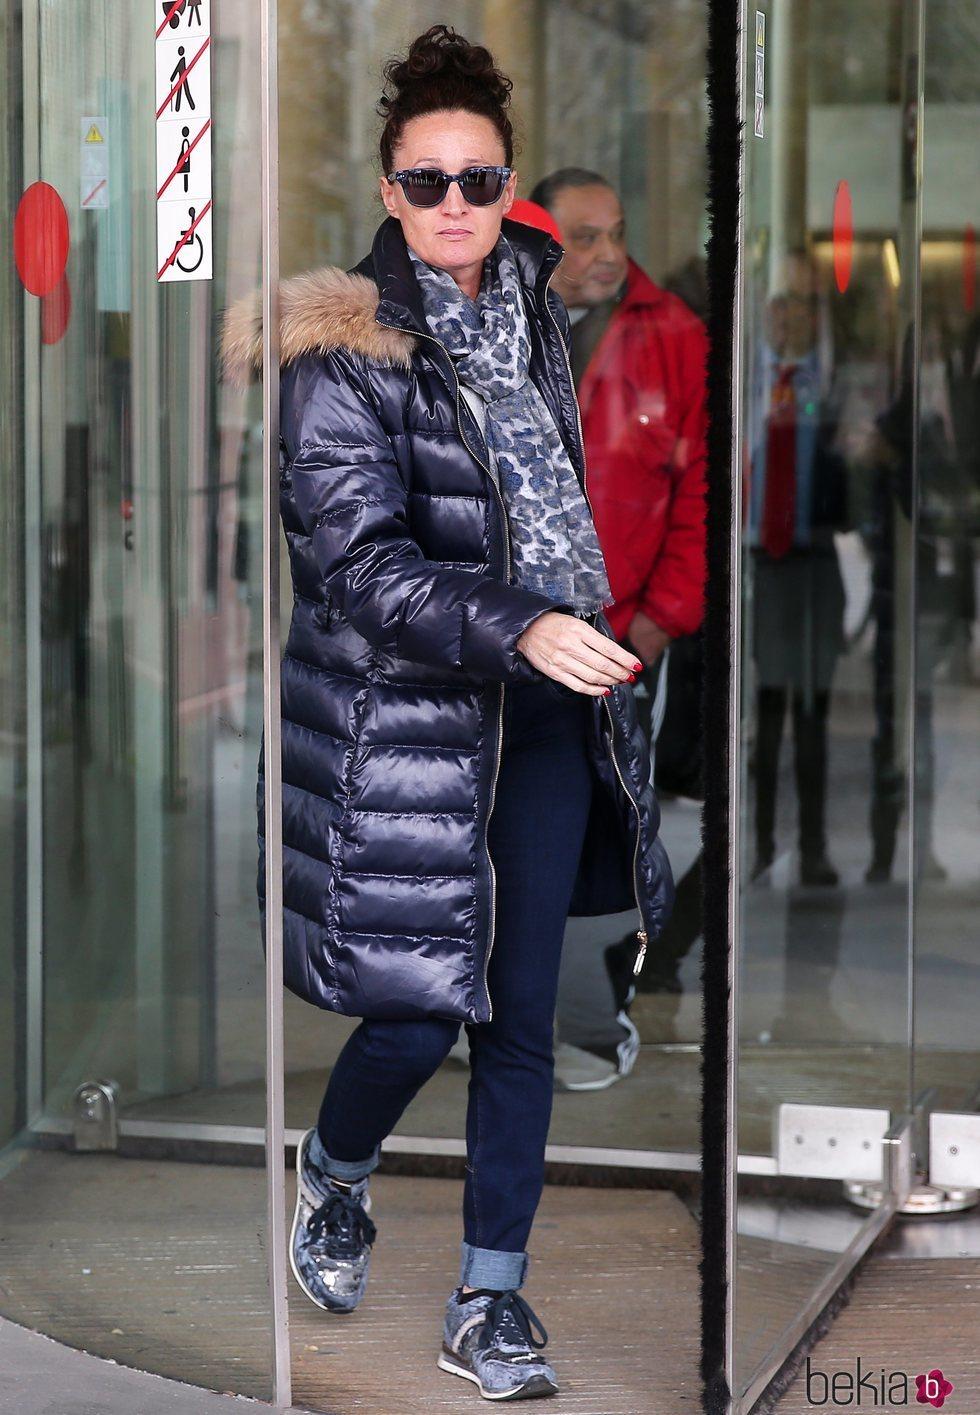 Dulce Delapiedra a la salida del juzgado de Barcelona tras el juicio